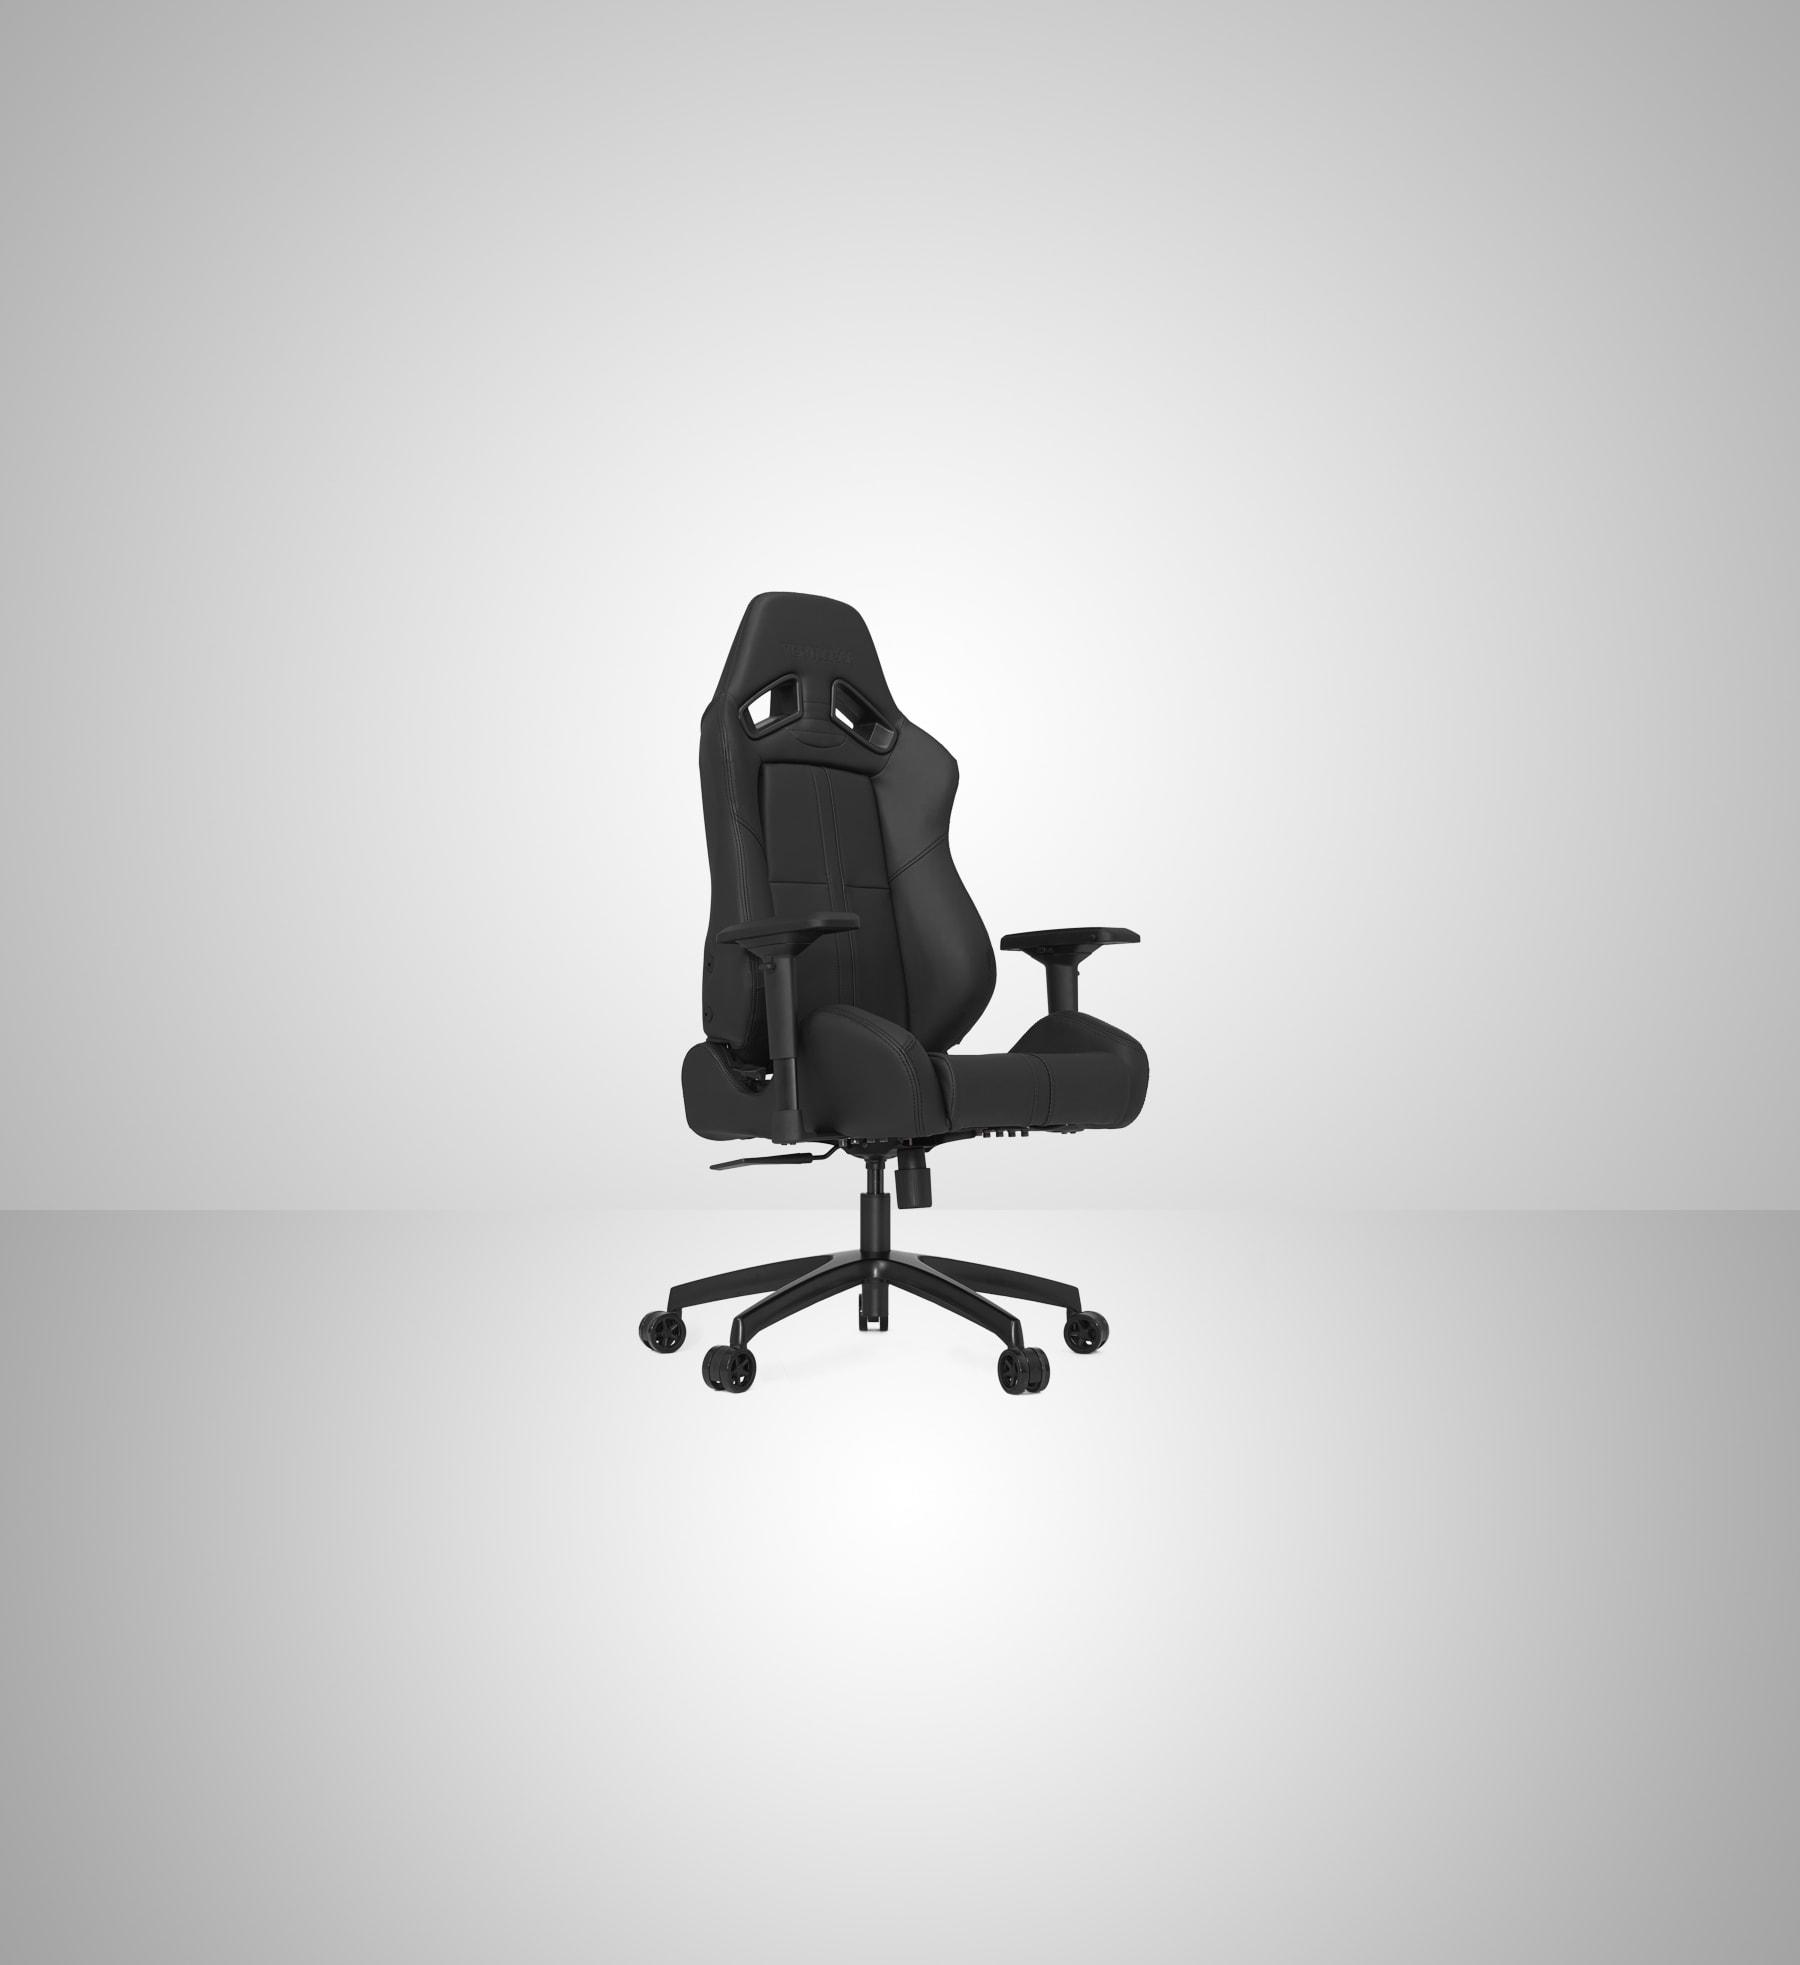 Vertagear Racing Series Sl5000 Gaming Chair